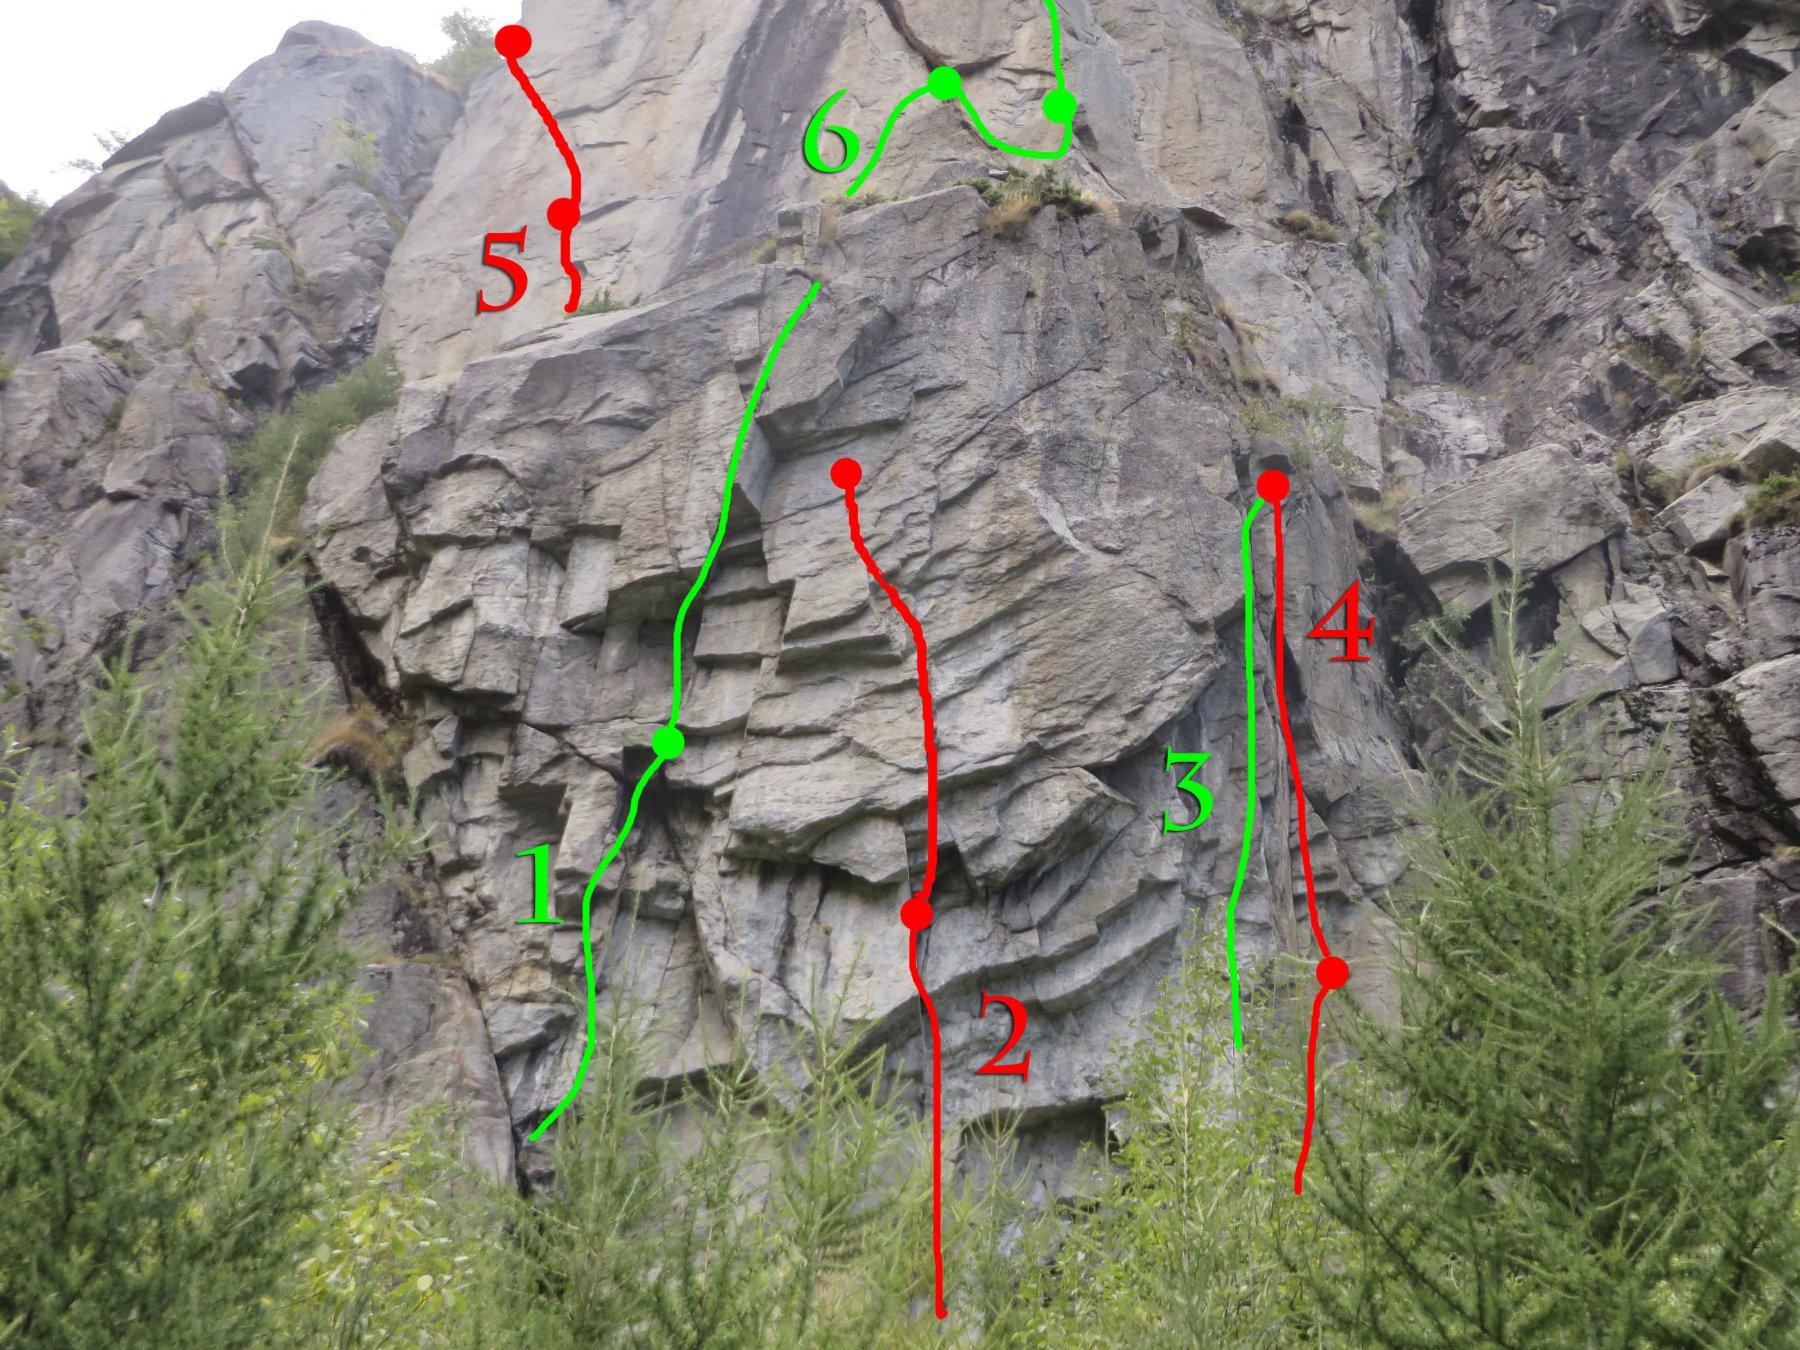 settore basso sinistro. i primi 15 metri son nascosti dagli alberi